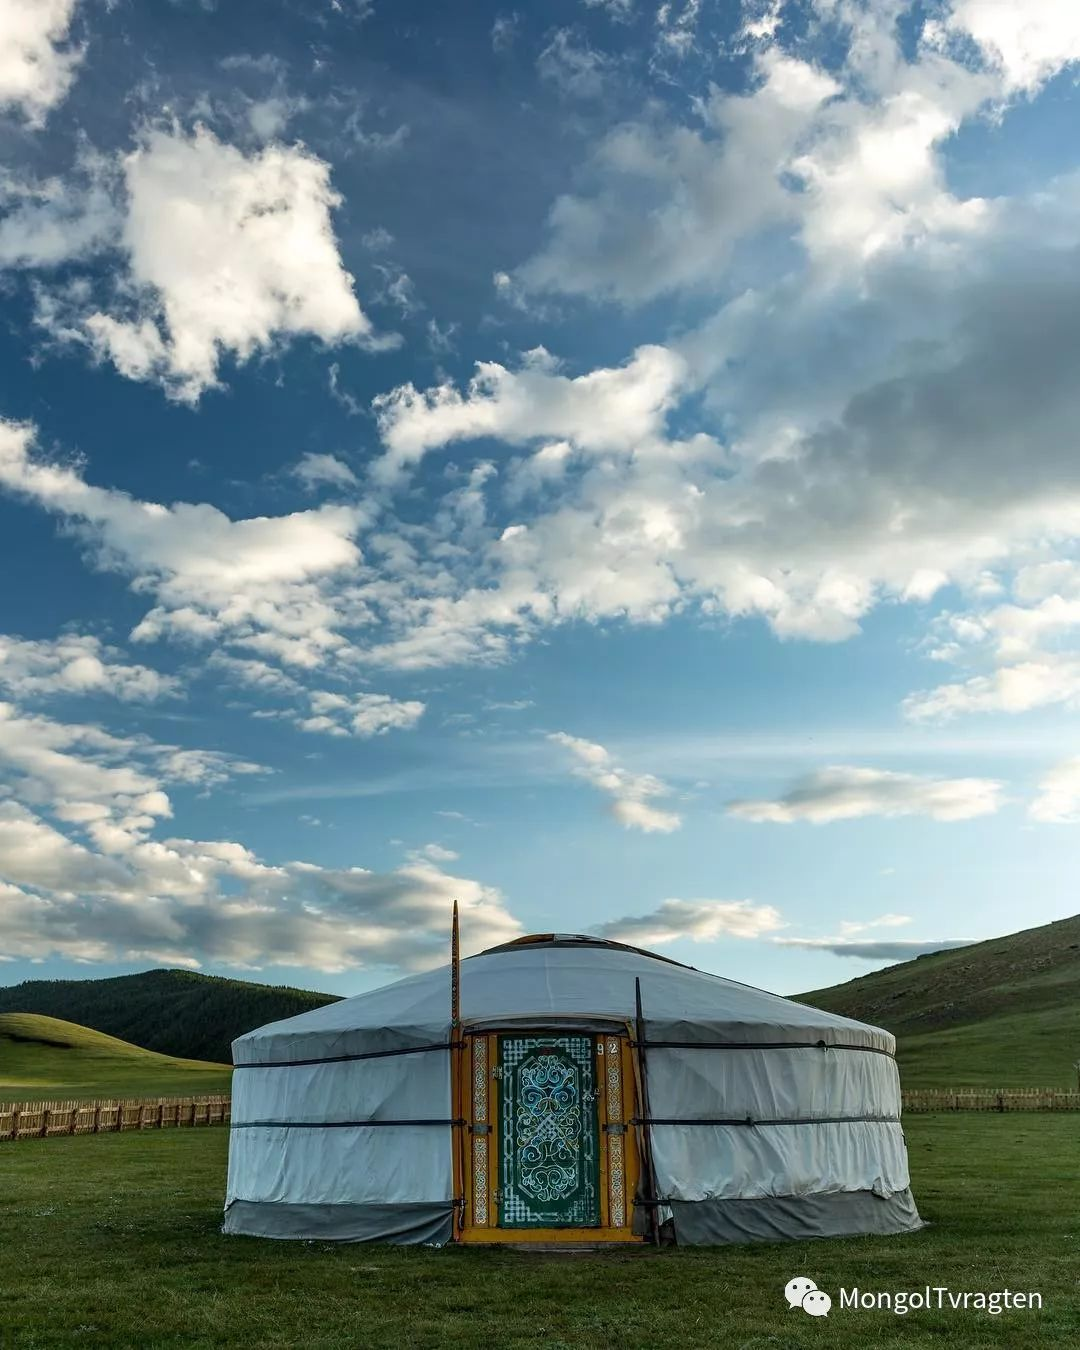 蒙古影像-- Henne Metz 第1张 蒙古影像-- Henne Metz 蒙古文化